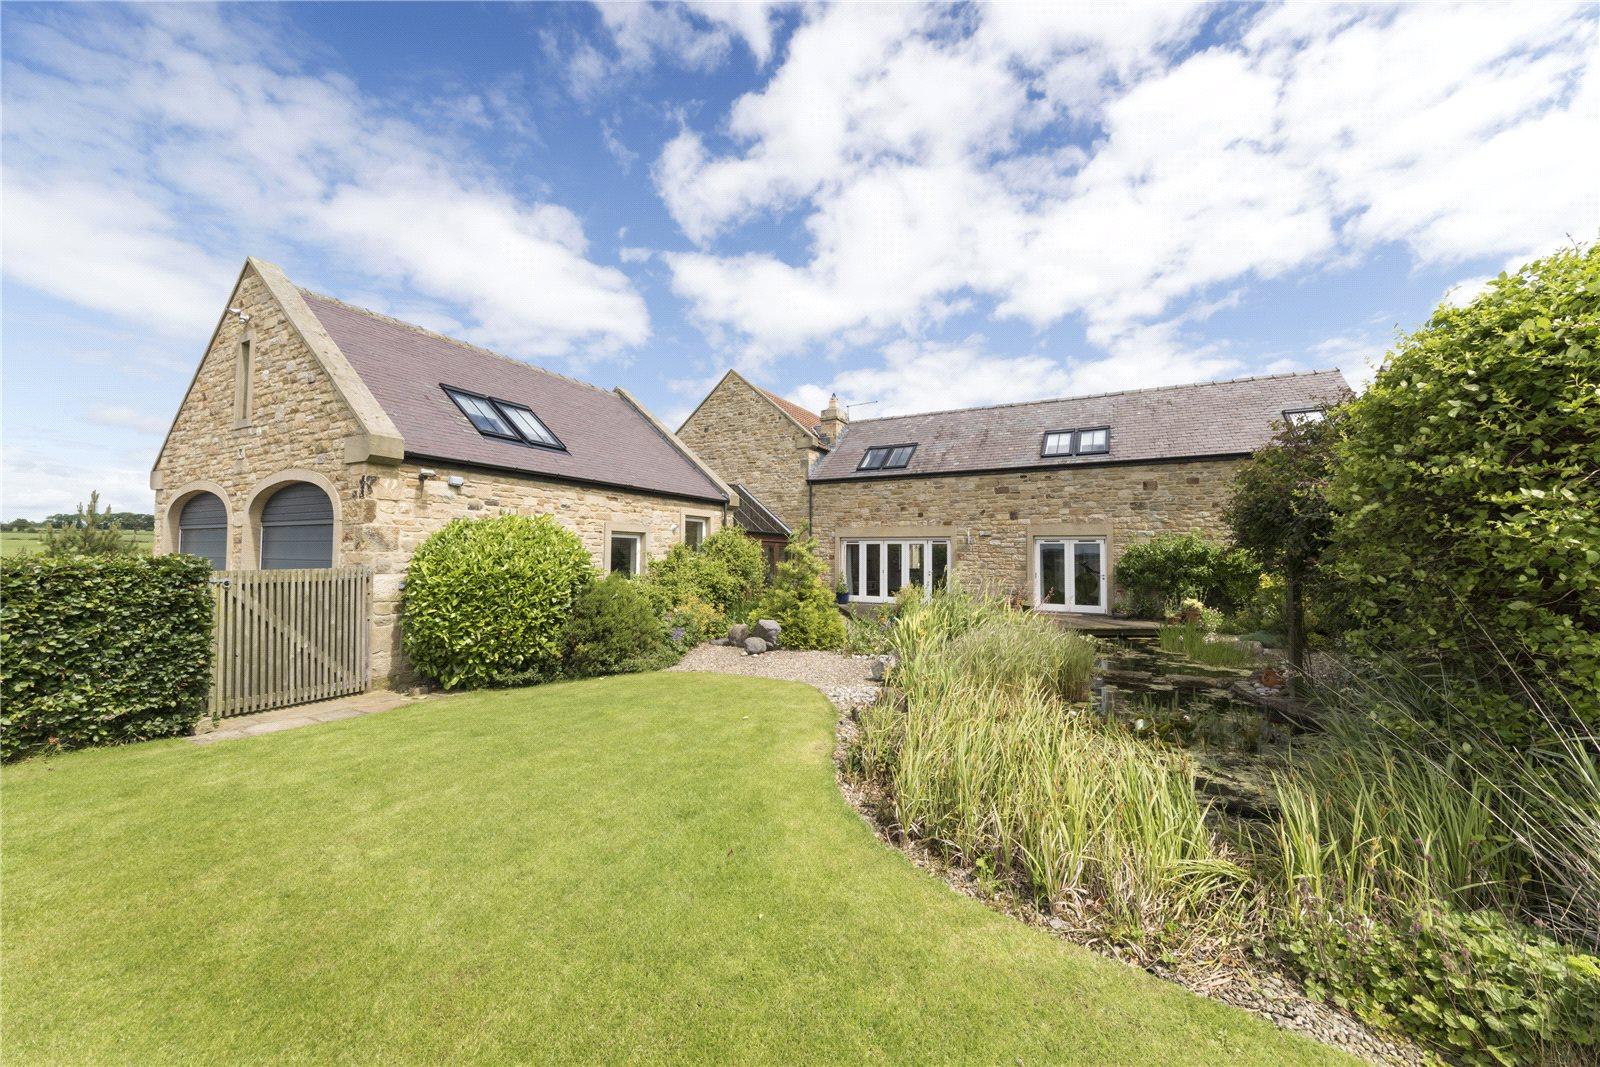 Single Family Home for Sale at Whalton, Morpeth, Northumberland, NE61 Morpeth, England